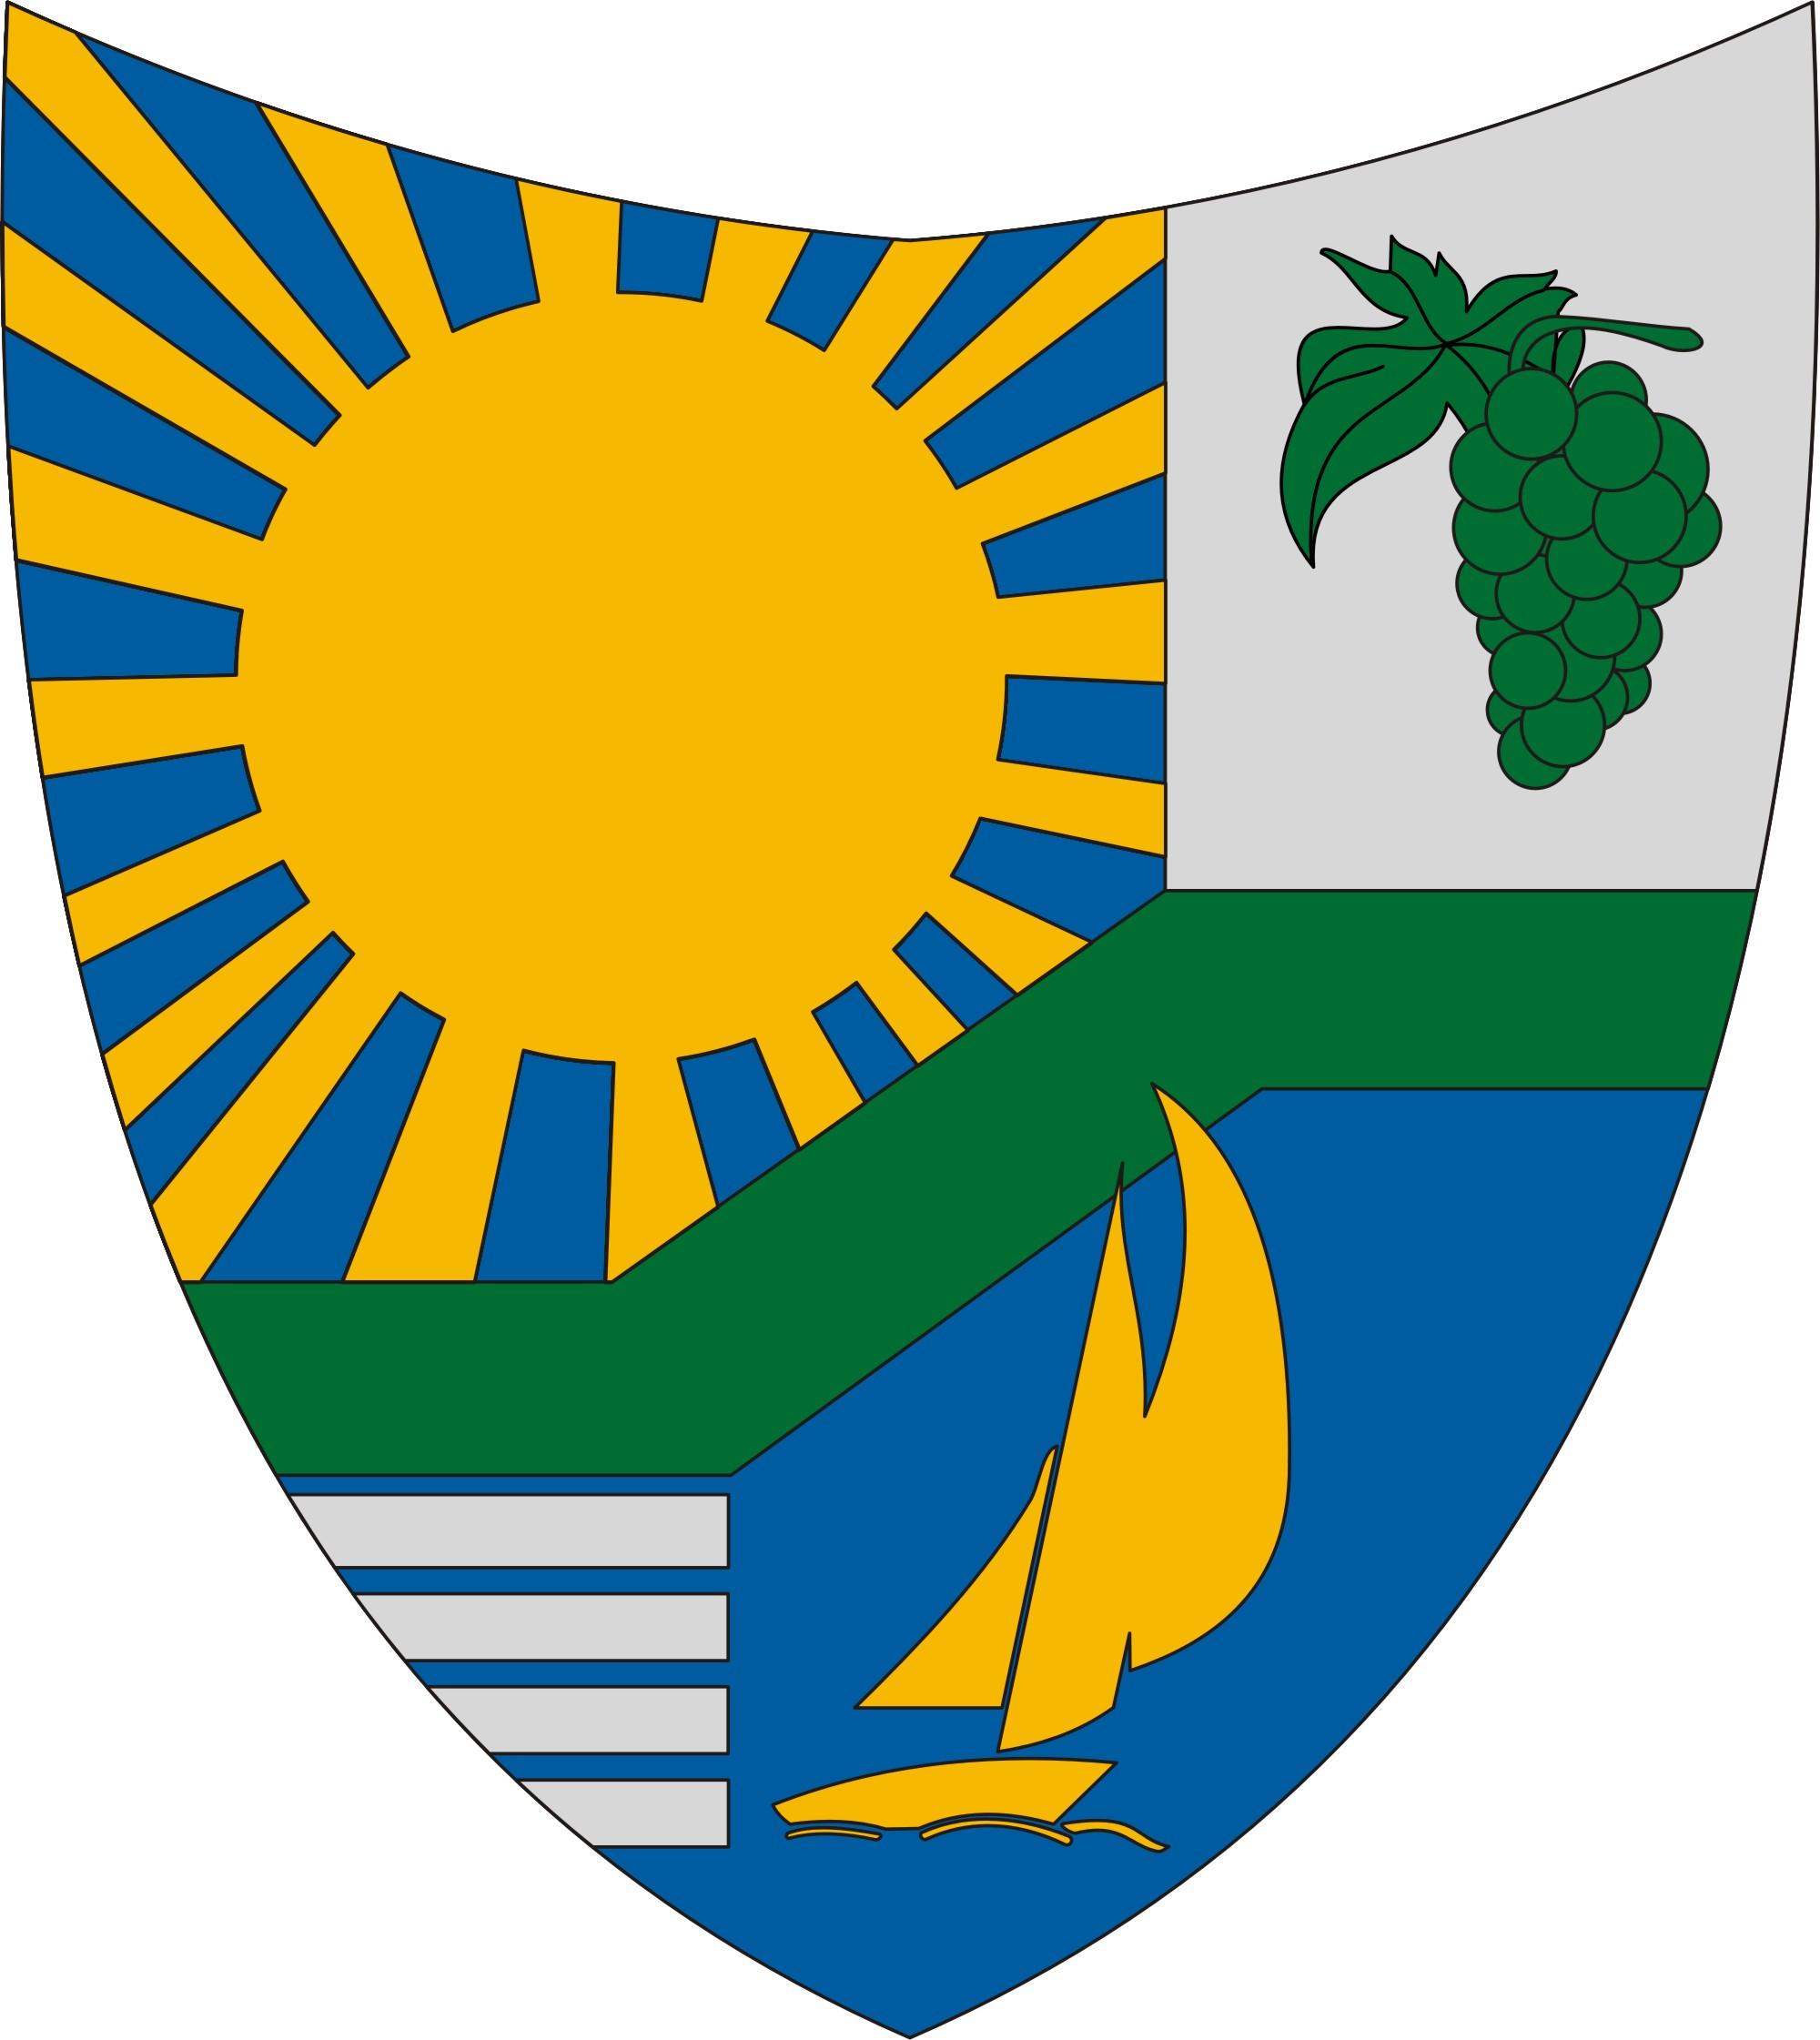 Melyik település címere van a képen?